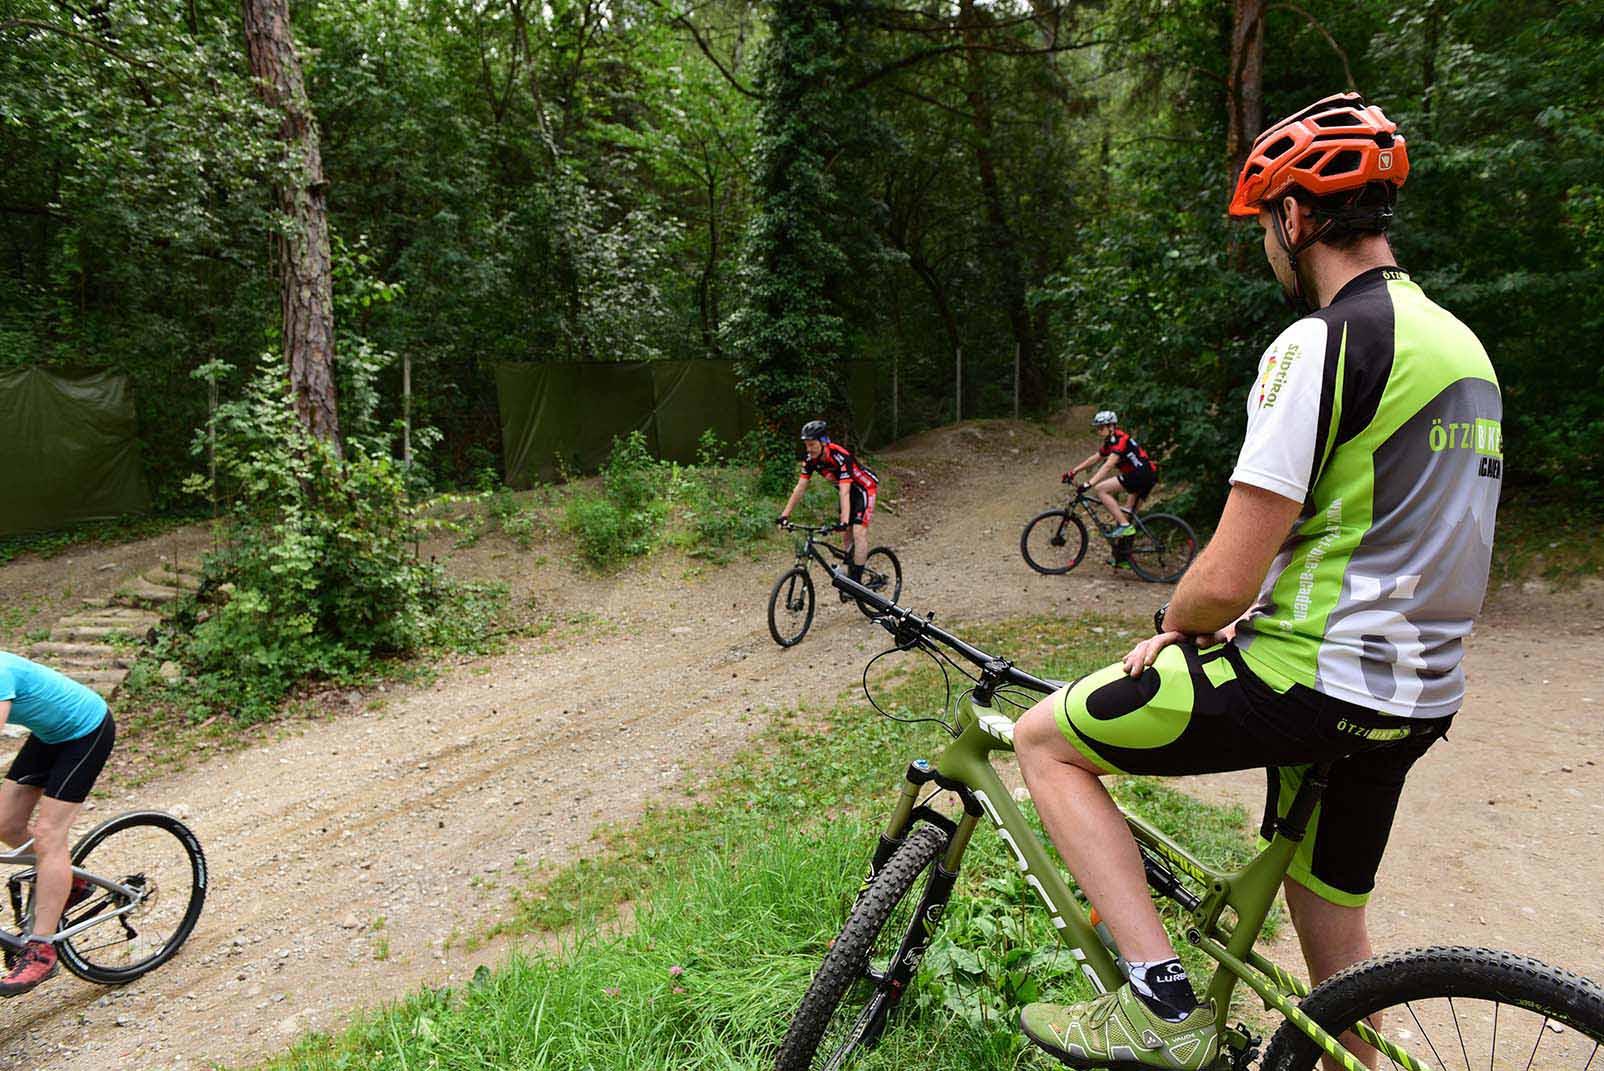 Mit den Guides der Ötzi Bike Academy die Landschaft entdecken